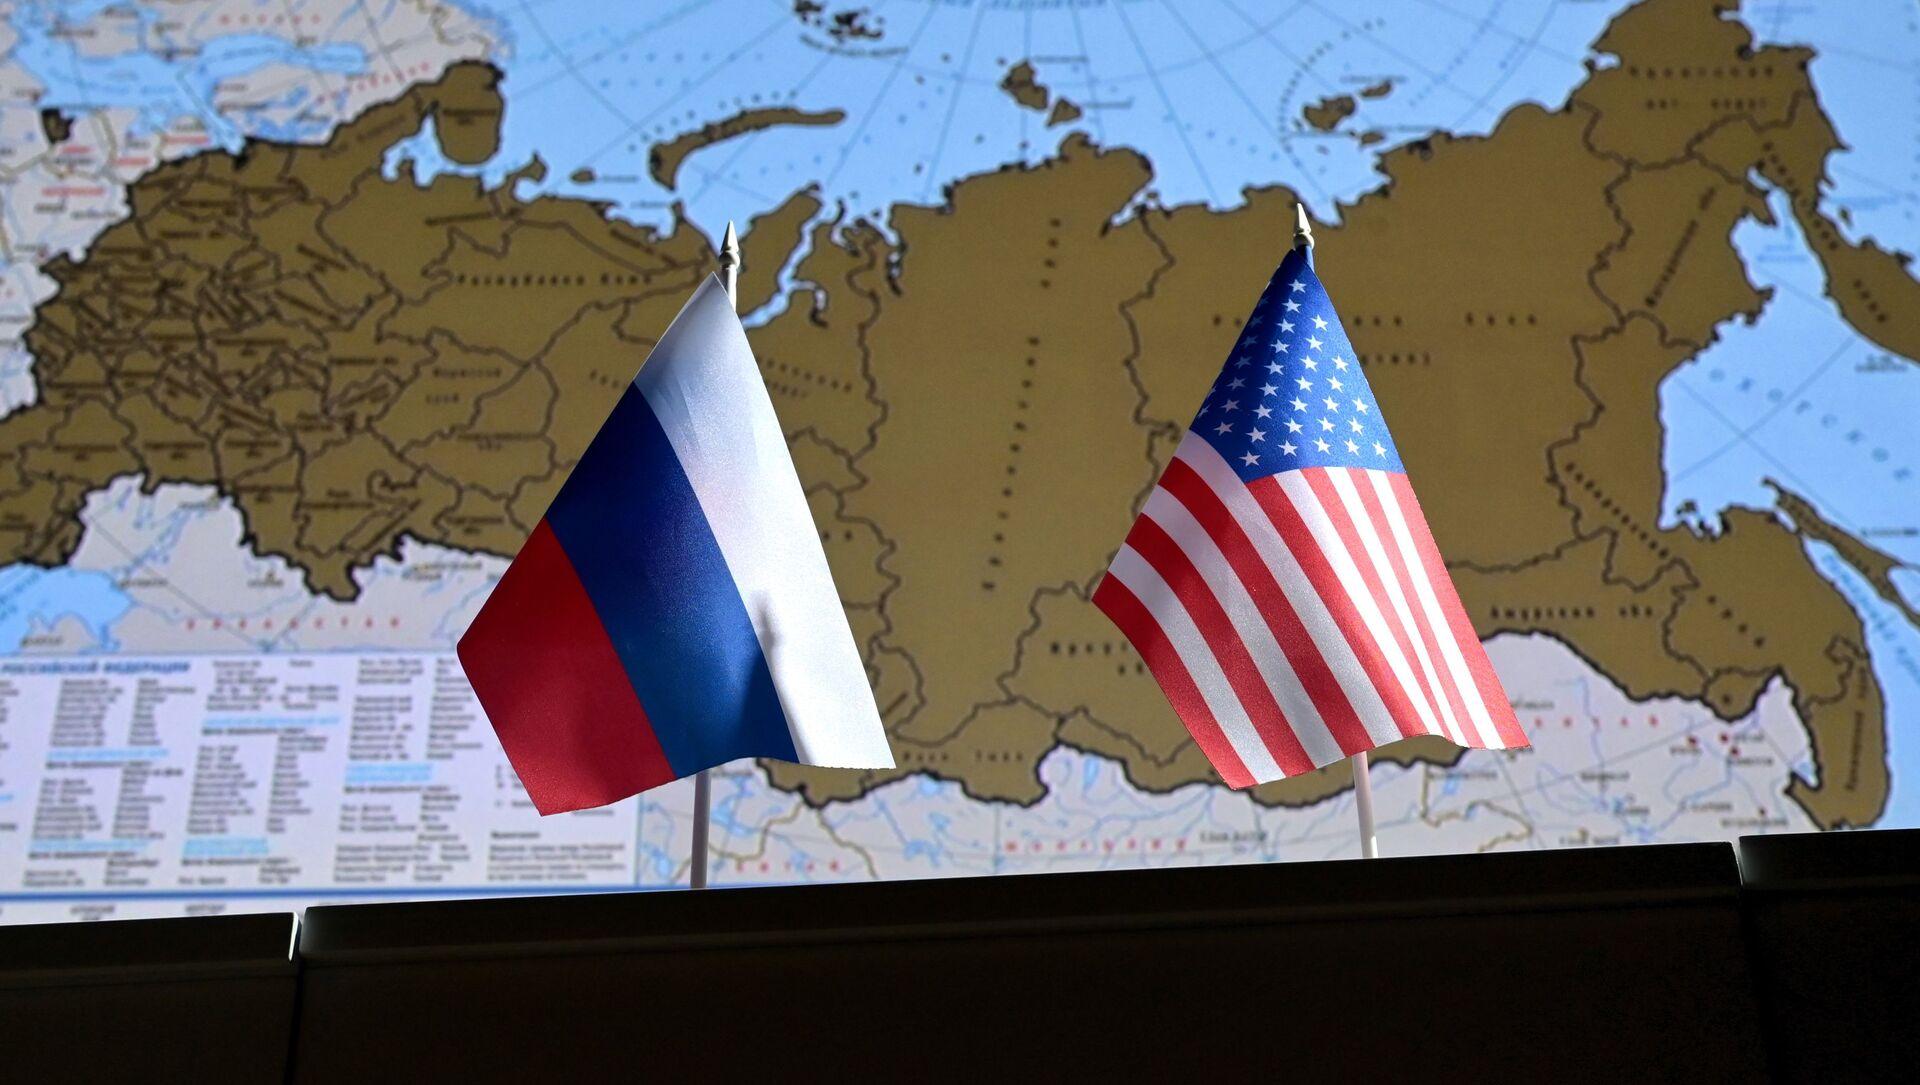 Zastave Rusije i SAD - Sputnik Srbija, 1920, 15.04.2021